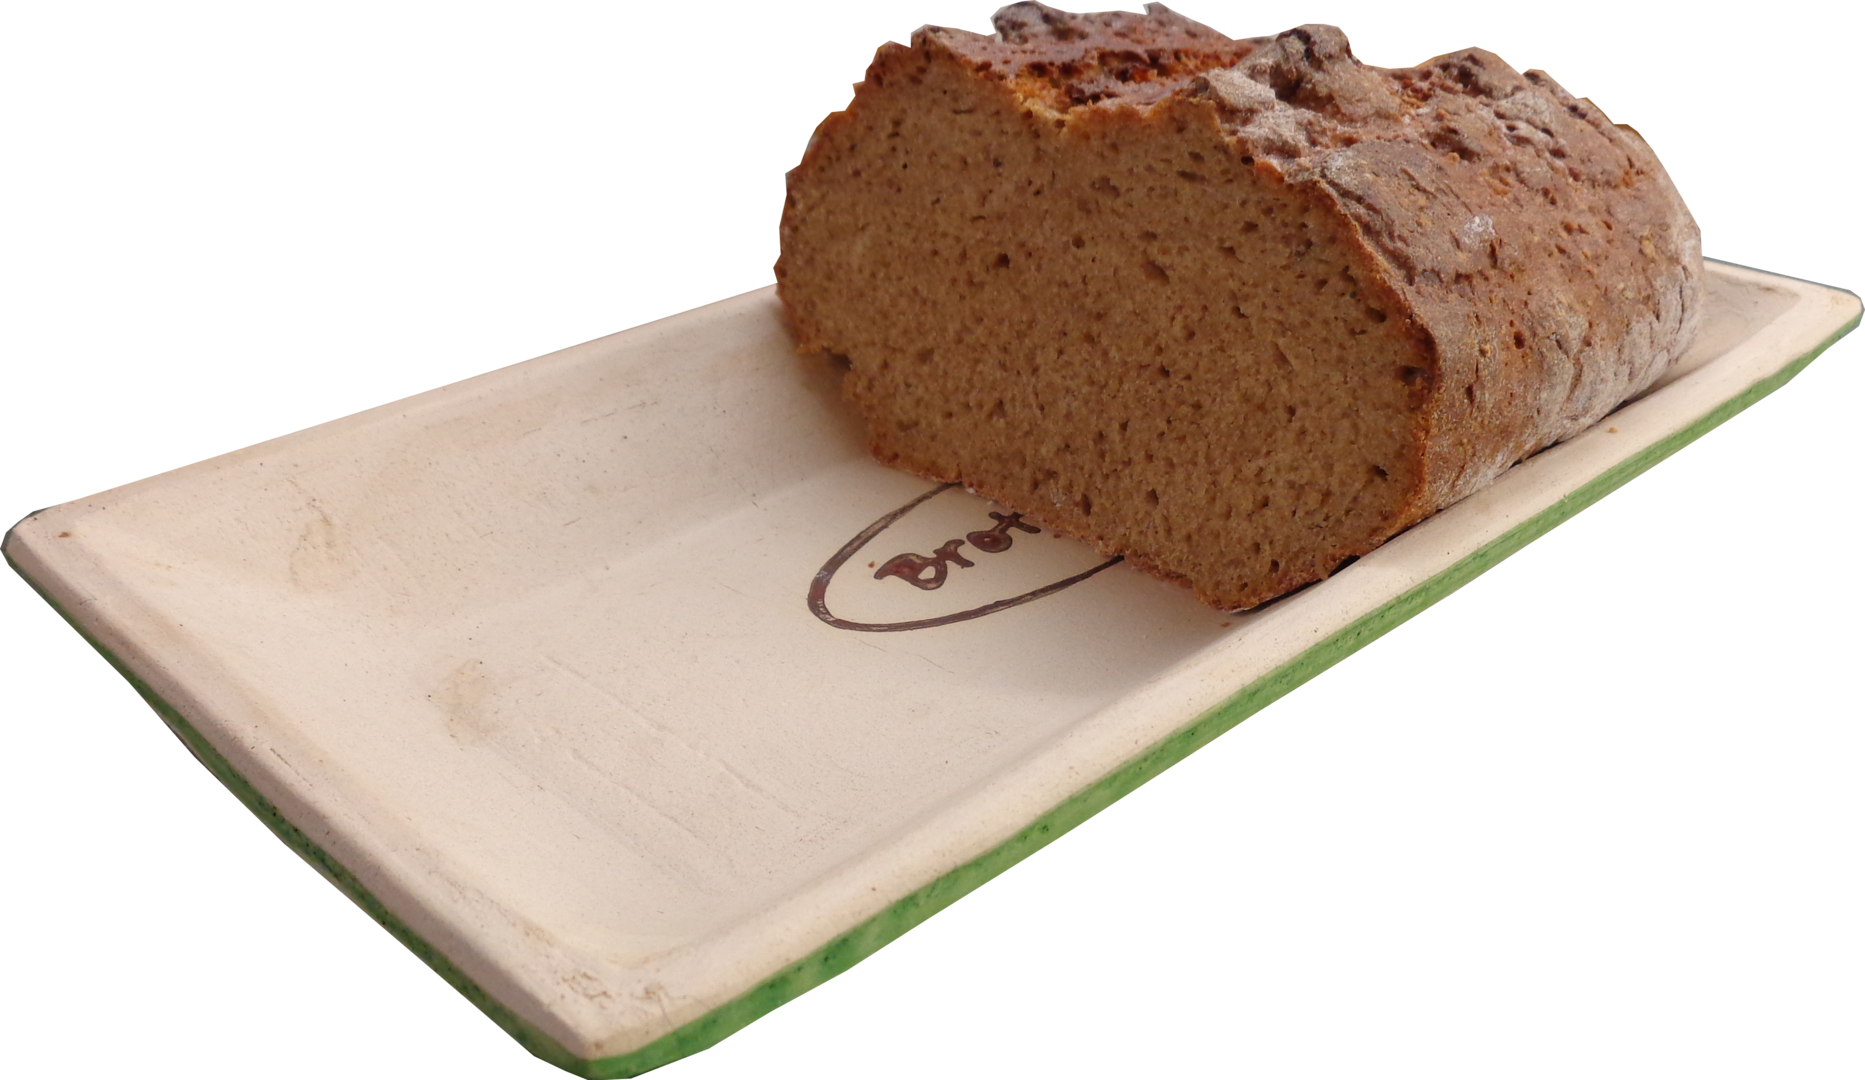 Brot Backform Brotback Mulde Keramik Stonecrystall Art